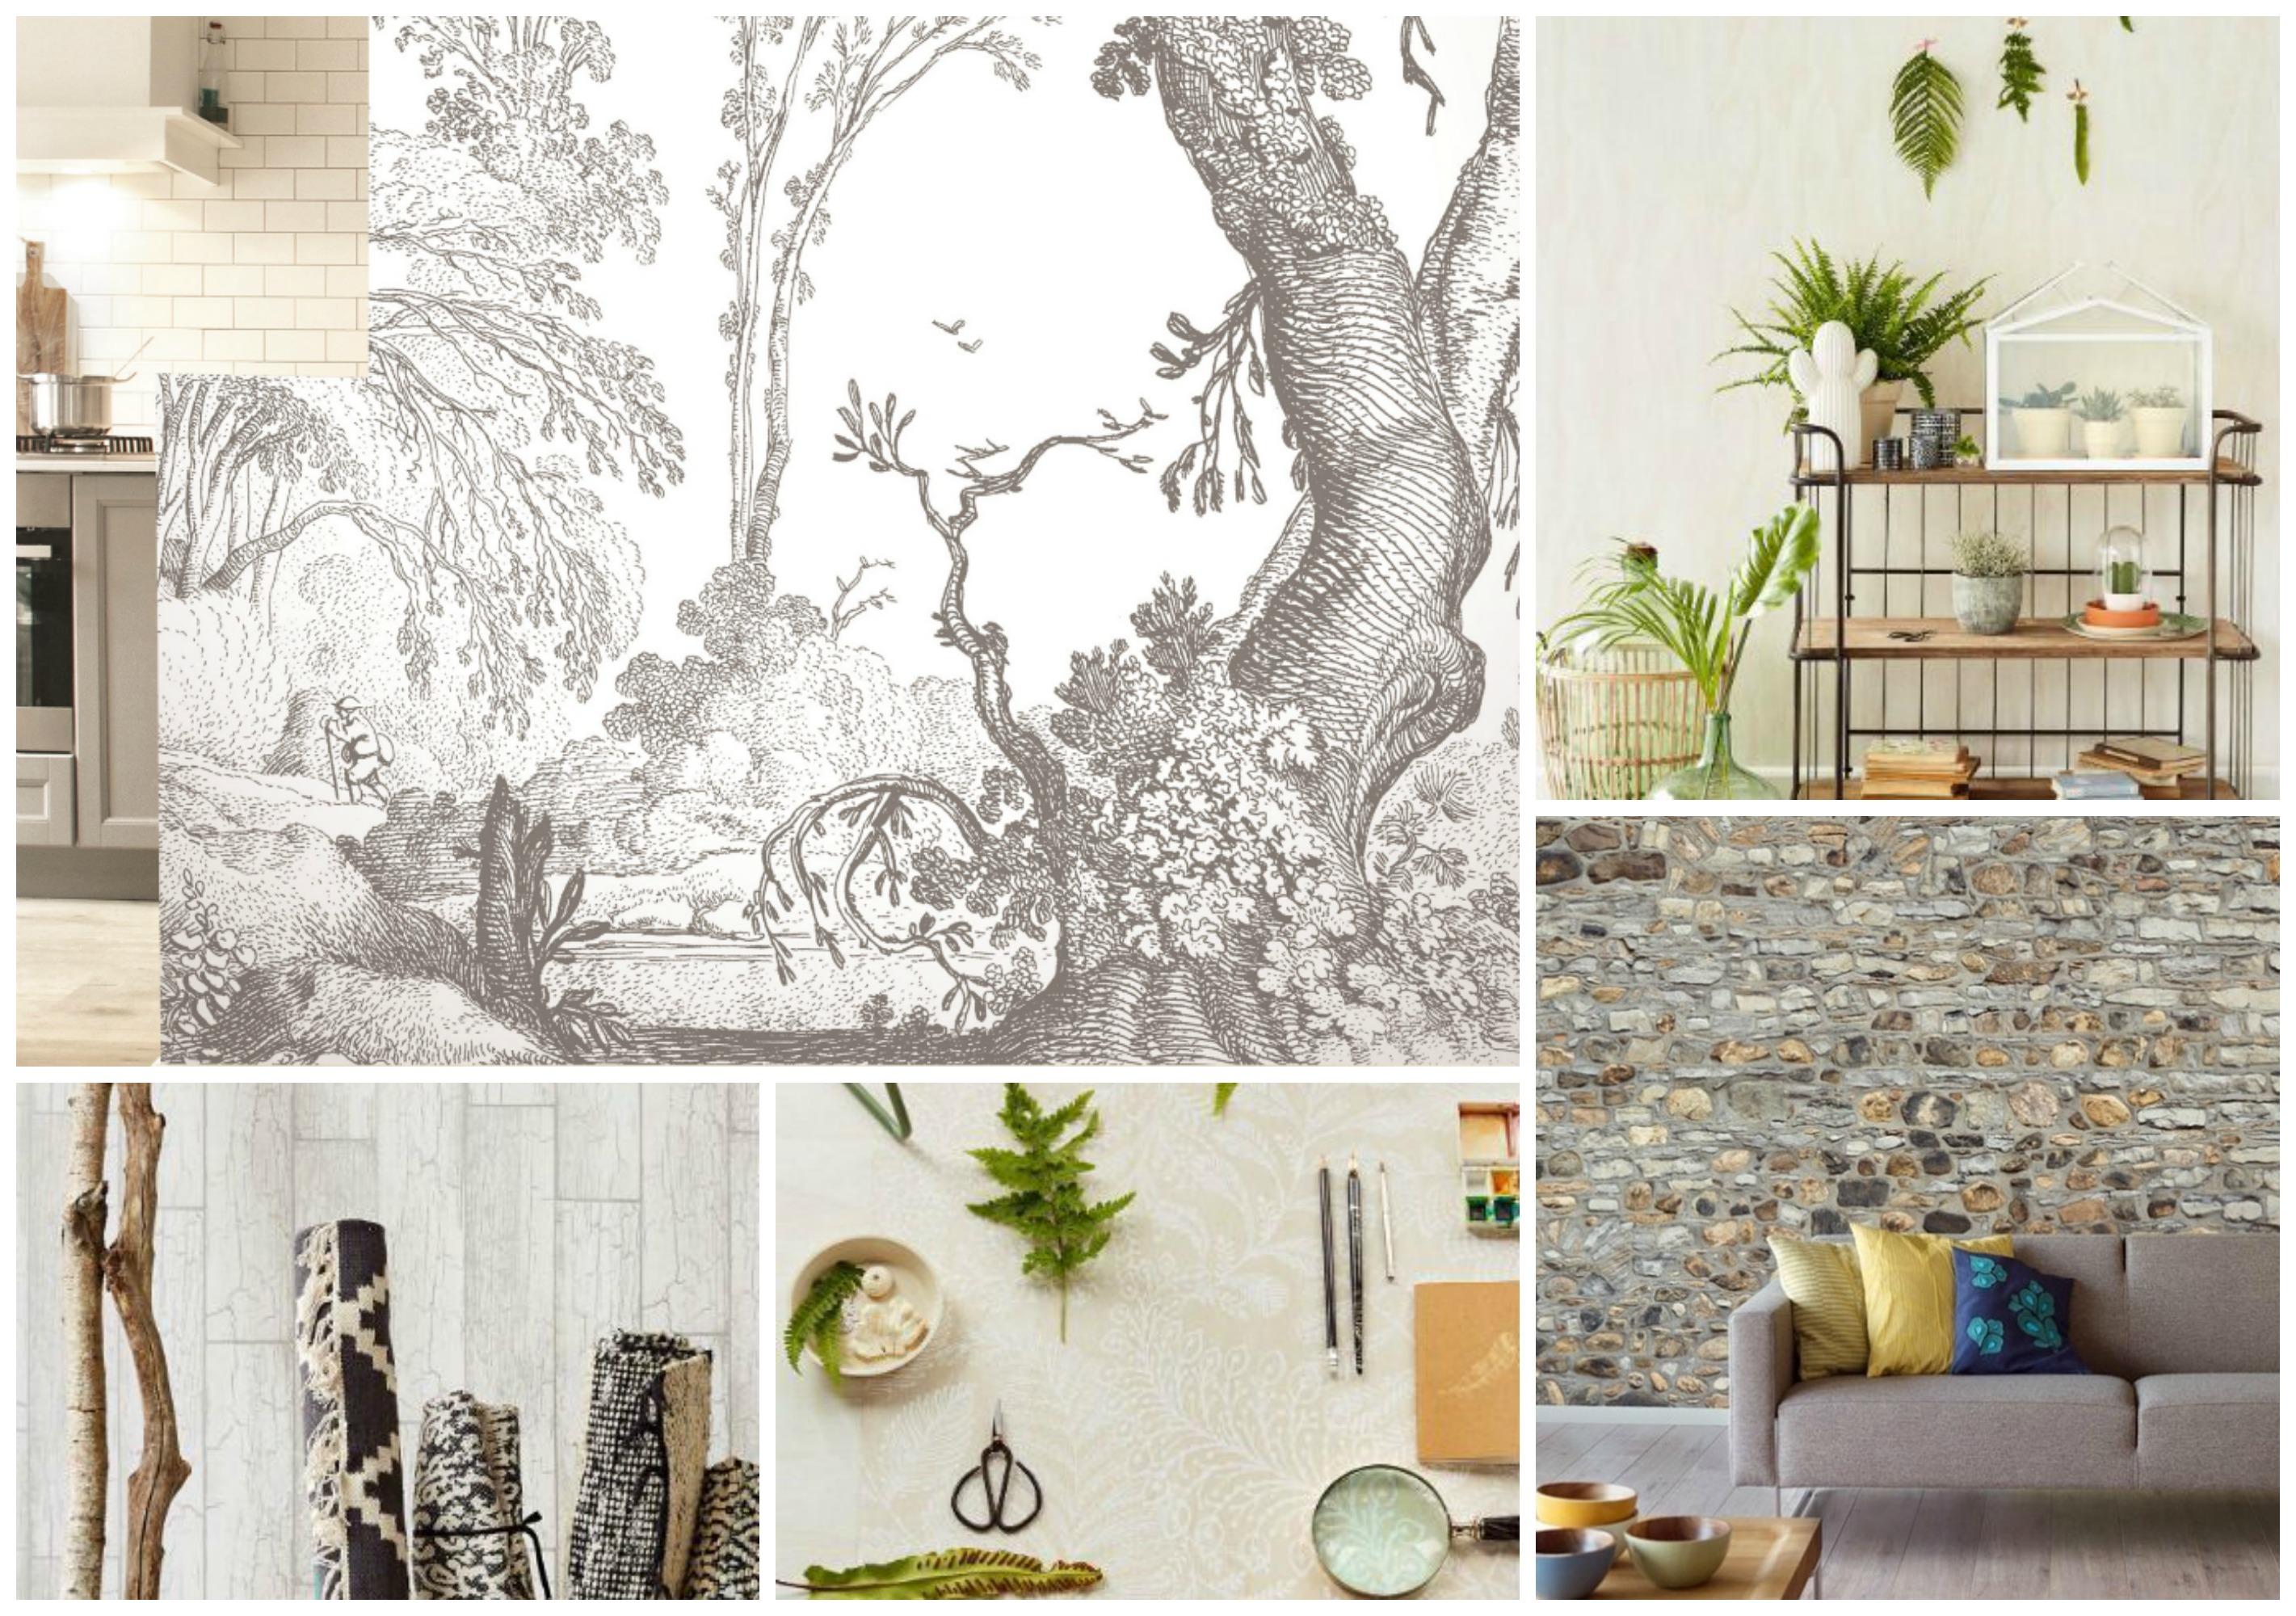 woonkamer trends 2017 beste inspiratie voor huis ontwerp. Black Bedroom Furniture Sets. Home Design Ideas